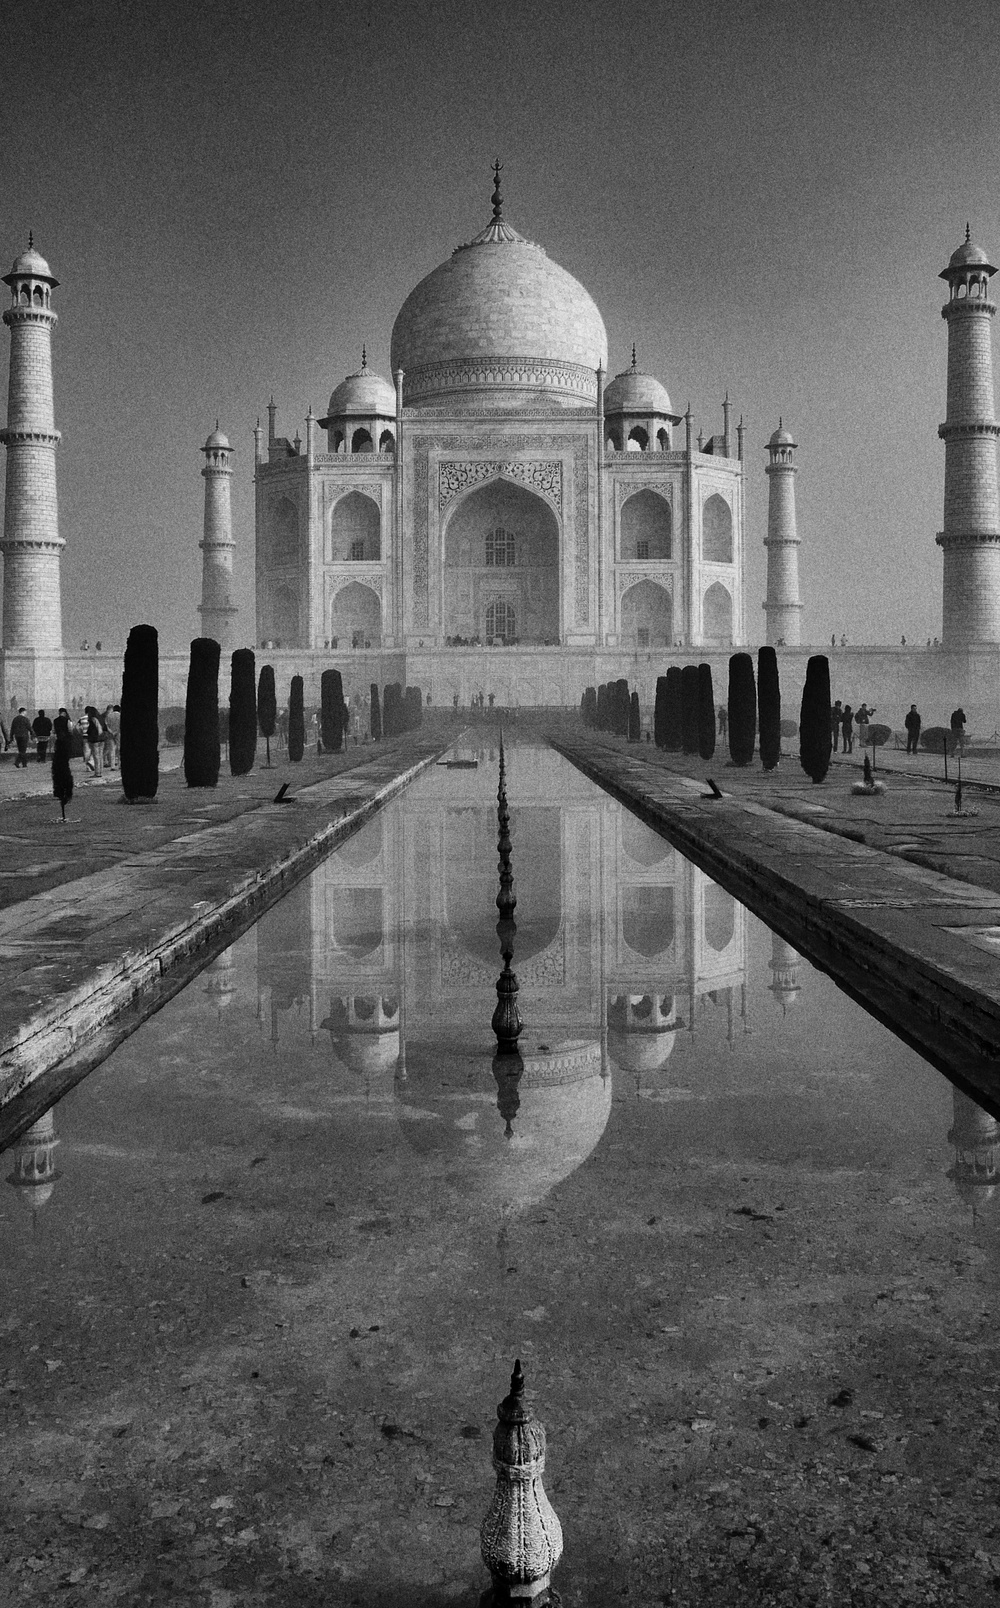 Taj Mahal Day2 10aB&W.jpg